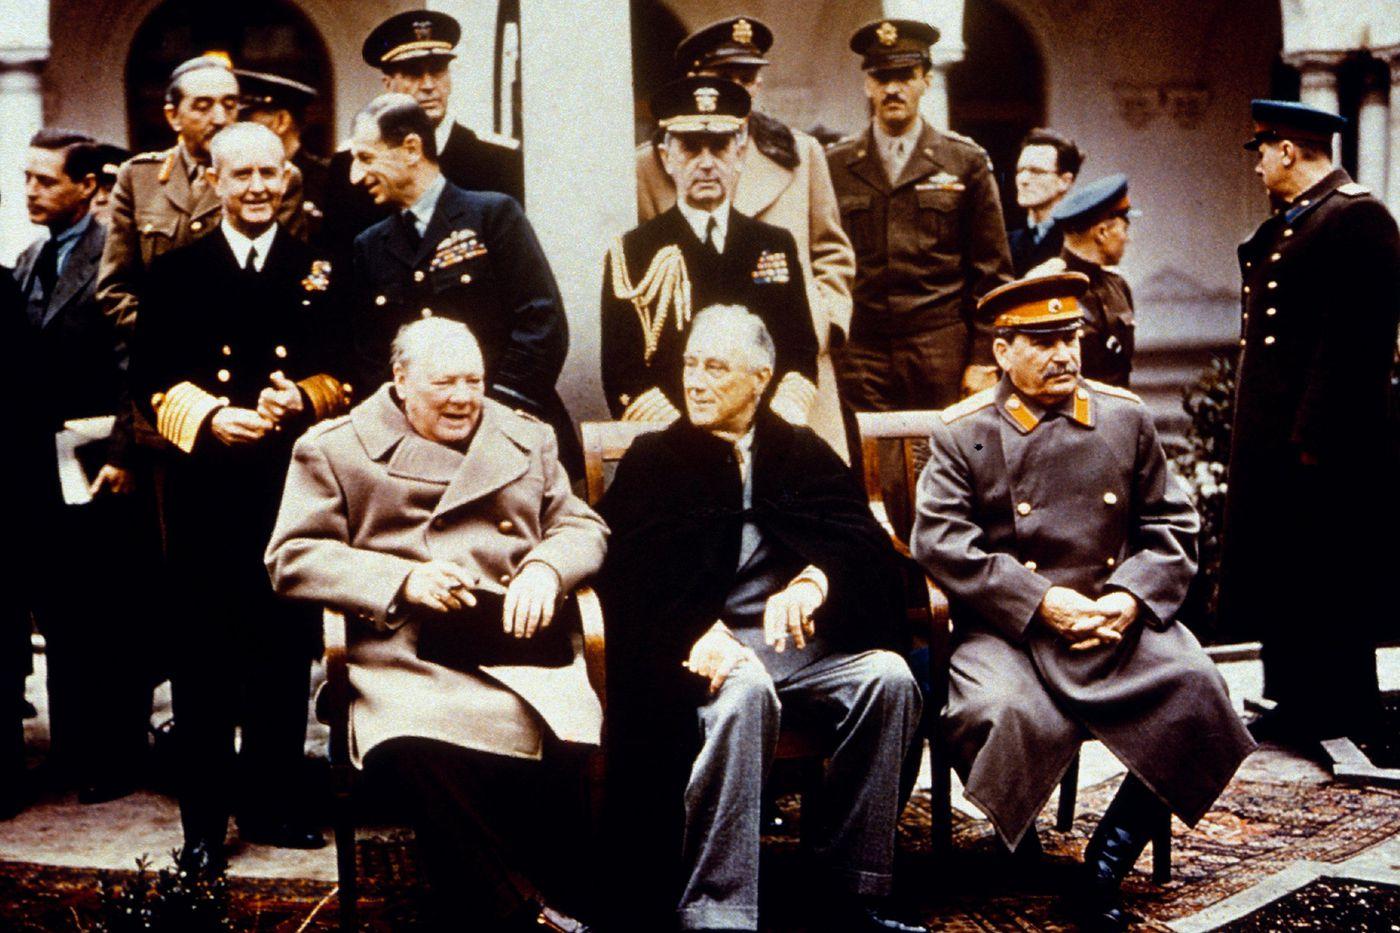 Hội nghị Yalta và trật tự thế giới sau Thế chiến II